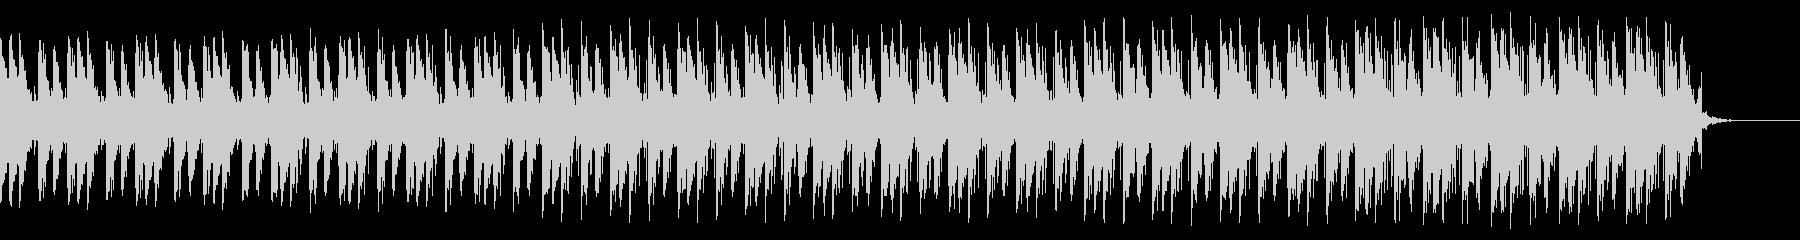 先進的な速い曲ですの未再生の波形